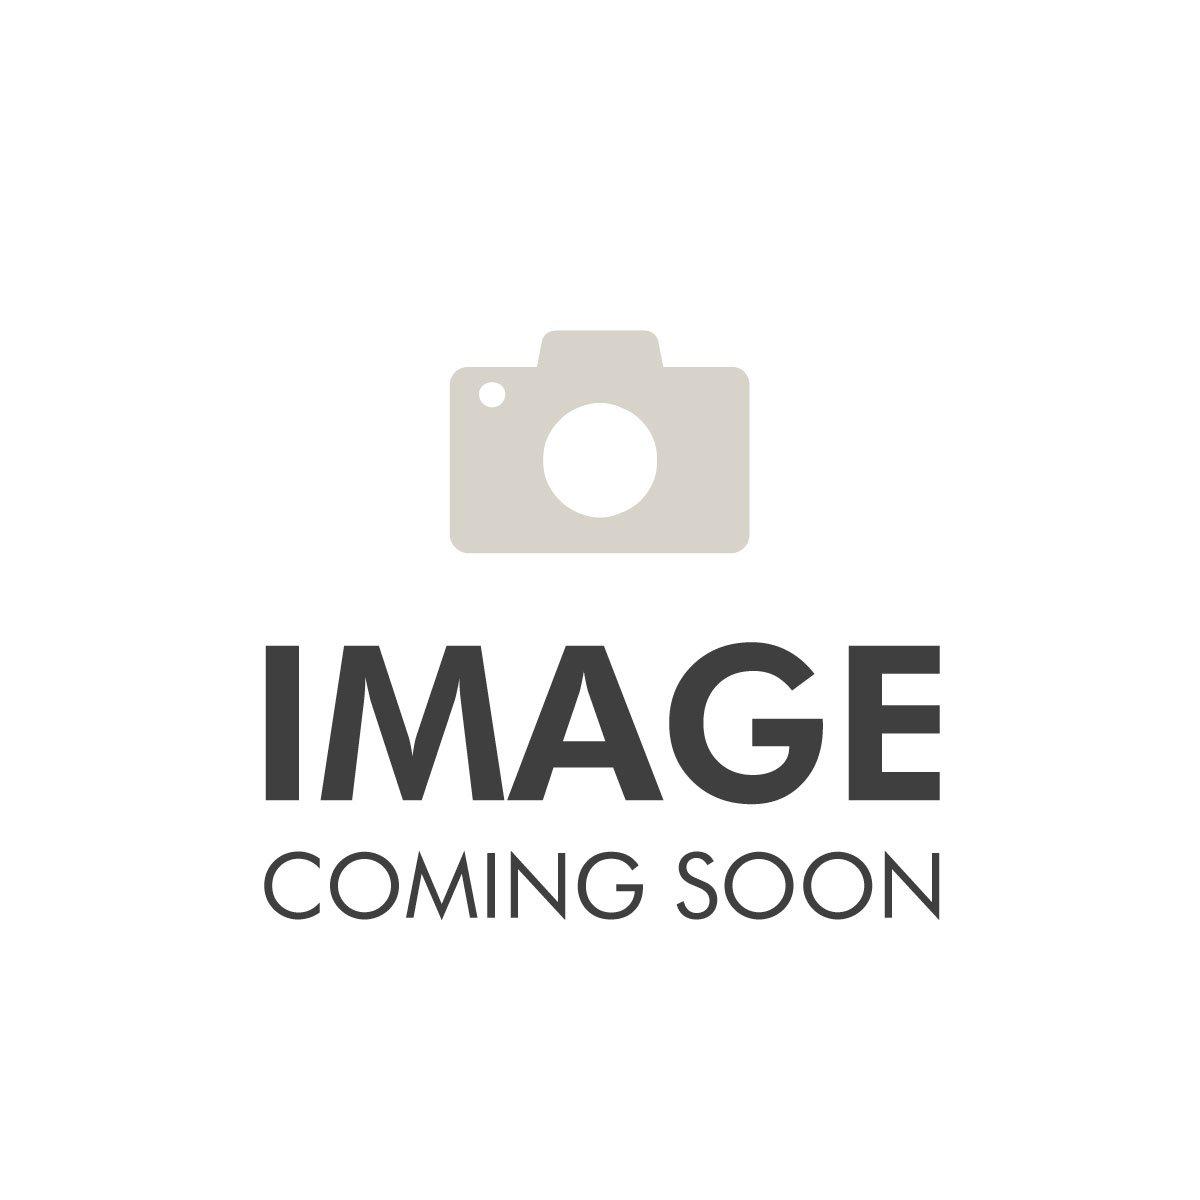 Sport 7 - Vis de pointe d'épée (10-Pack)